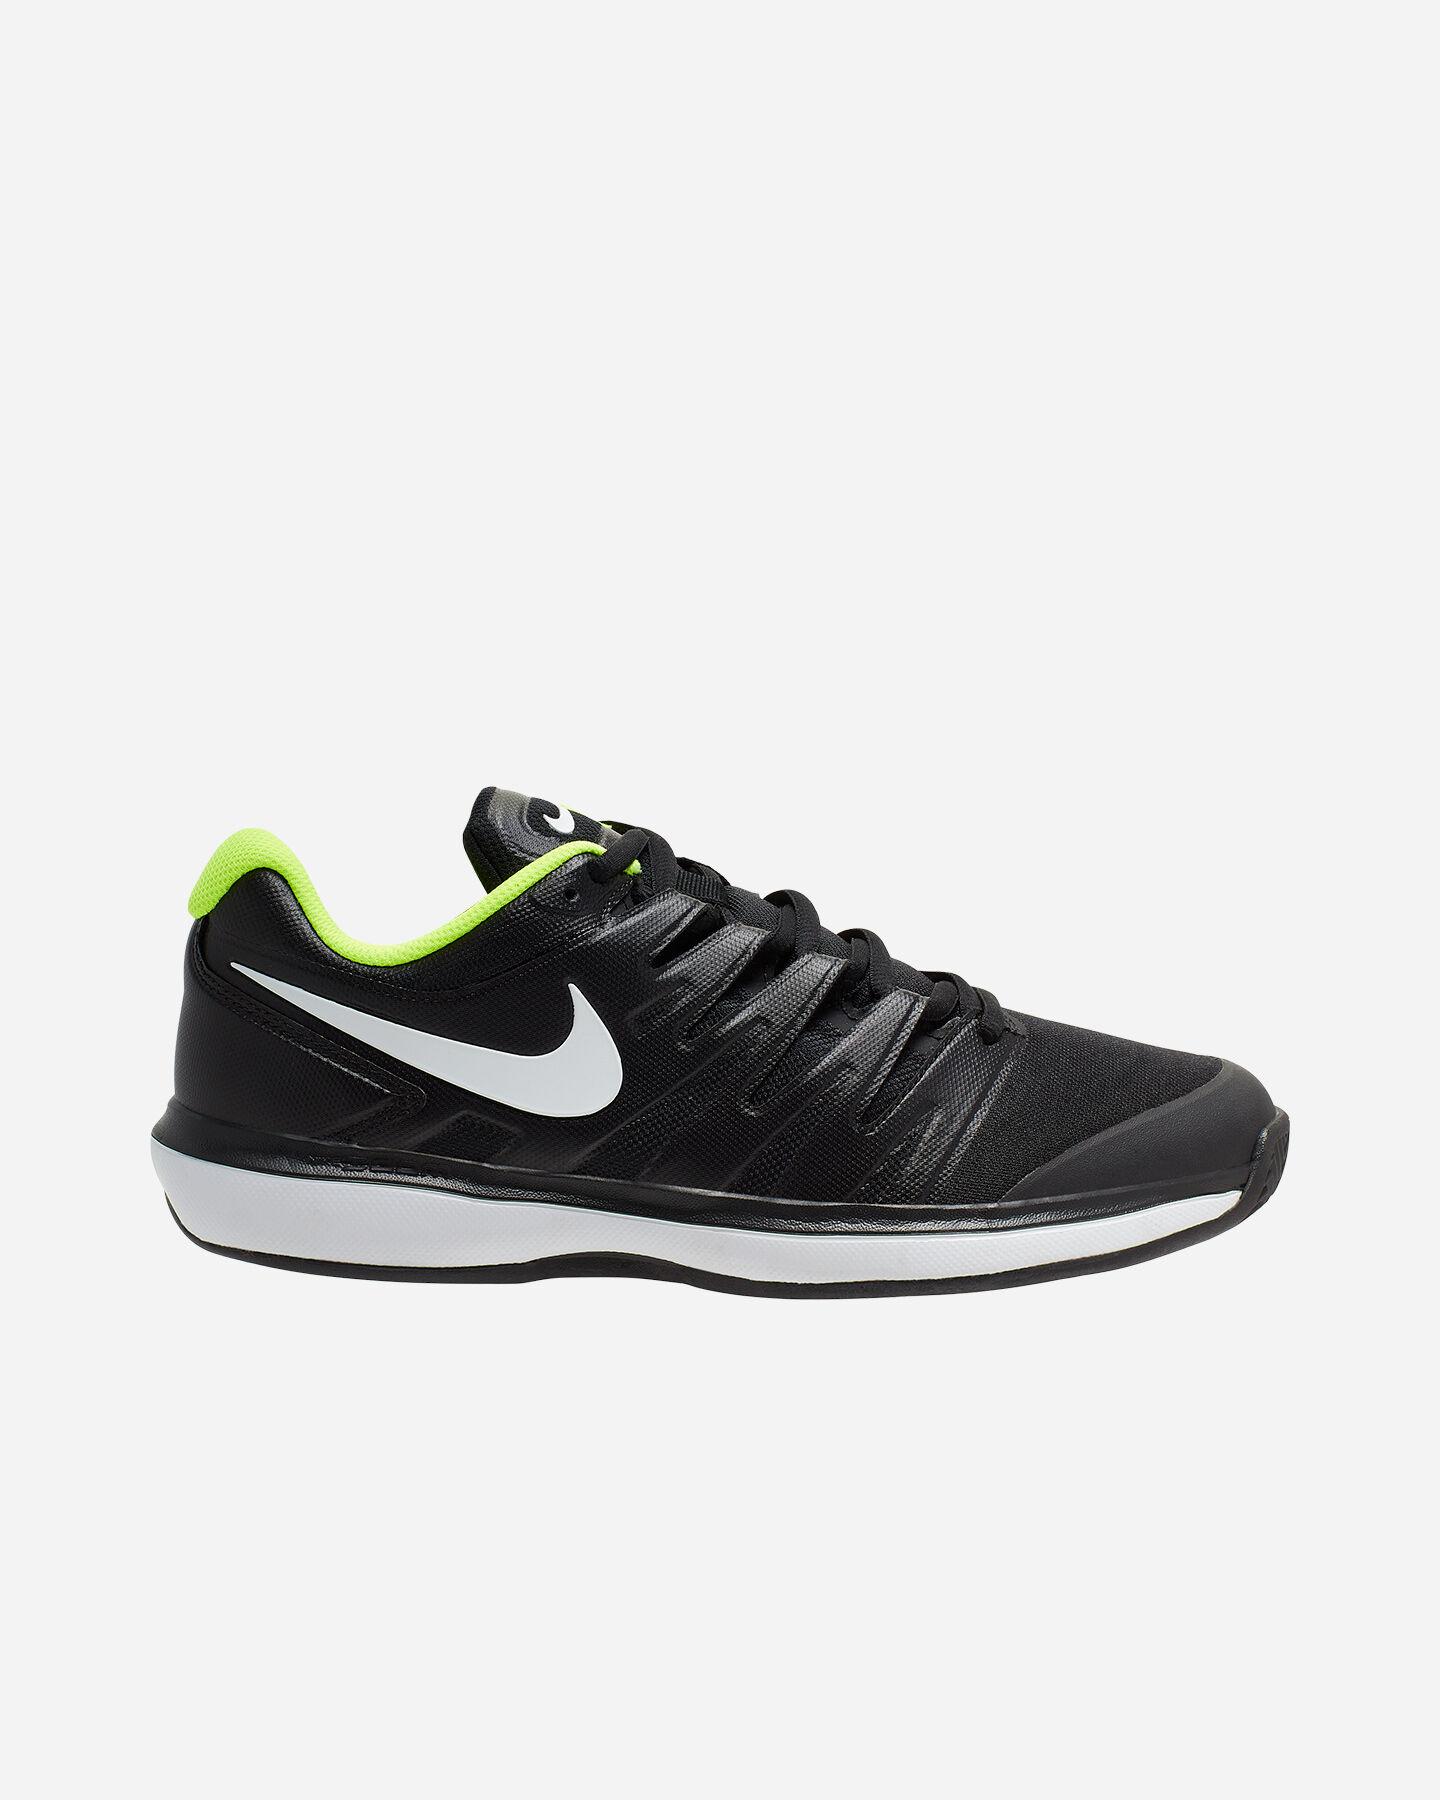 Scarpe tennis NIKE AIR ZOOM PRESTIGE CLAY M S5161256 scatto 0